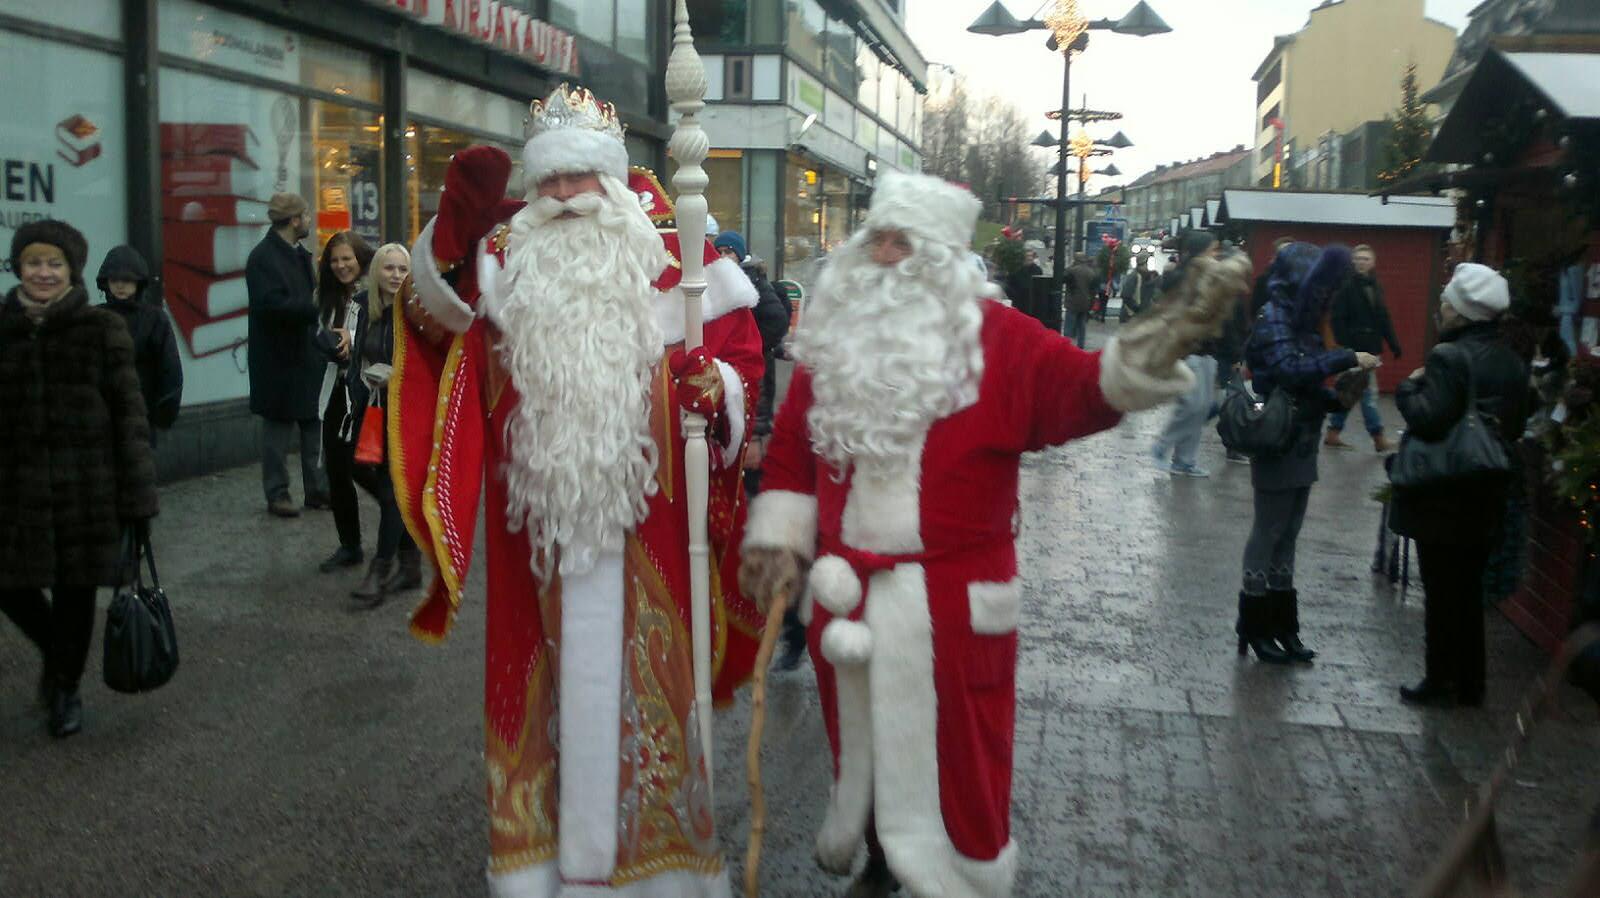 Дед Мороз и Санта-Клаус под проливным дождем поздравили детей в Финляндии